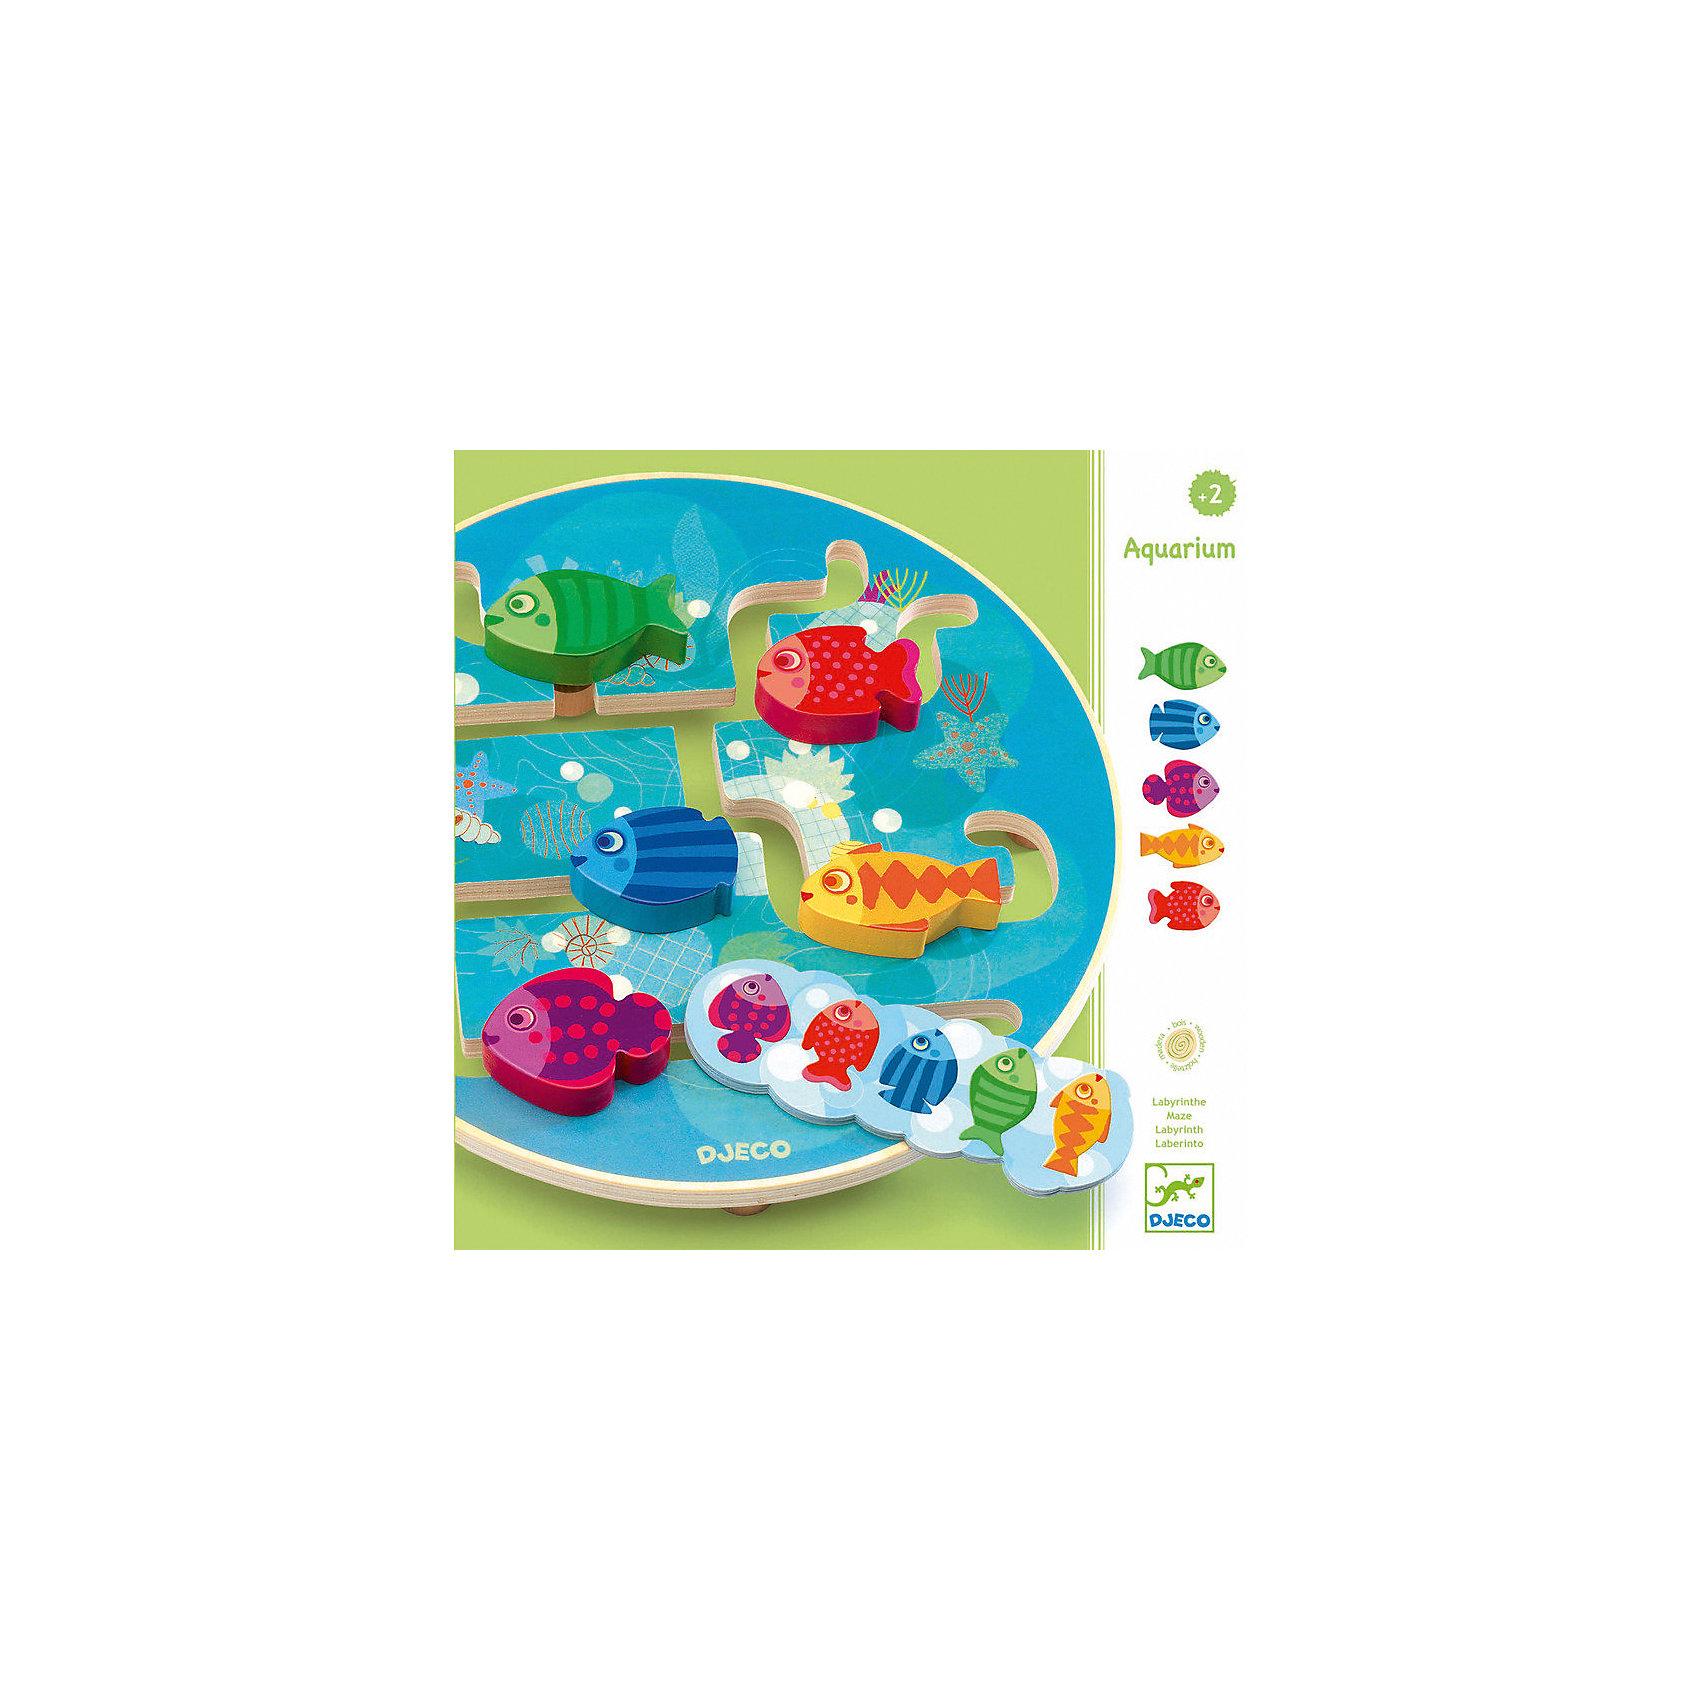 Настольная игра Аквариум, DJECOРазвивающие игры<br>Настольная игра Аквариум, Djeco (Джеко), - красочная увлекательная игра, которая обязательно понравится Вашему малышу. В комплекте Вы найдете круглое игровое поле голубого цвета в виде аквариума со специальными прорезями - полозьями. По полозьям перемещаются разноцветные яркие фигурки рыбок. Малышу нужно, передвигая фигурки по полозьям, расположить их в той цветовой последовательности, которая указана карточке с заданием. Крупные деревянные рыбки очень удобны для детских ручек. Все детали изготовлены из высококачественных материалов. Игра развивает логическое и пространственное мышление, внимательность, усидчивость, тренирует мелкую моторику.  <br><br>Дополнительная информация:<br><br>- В комплекте: игровое поле, 5 фигурок рыбок, 10 карточек с заданиями.<br>- Материал: дерево.<br>- Размер упаковки: 26,5 х 26,5 х 6 см.<br>- Вес: 0,8 кг.<br><br>Настольную игру Аквариум, Djeco (Джеко), можно купить в нашем интернет-магазине.<br><br>Ширина мм: 60<br>Глубина мм: 280<br>Высота мм: 10<br>Вес г: 880<br>Возраст от месяцев: 24<br>Возраст до месяцев: 72<br>Пол: Унисекс<br>Возраст: Детский<br>SKU: 4215009